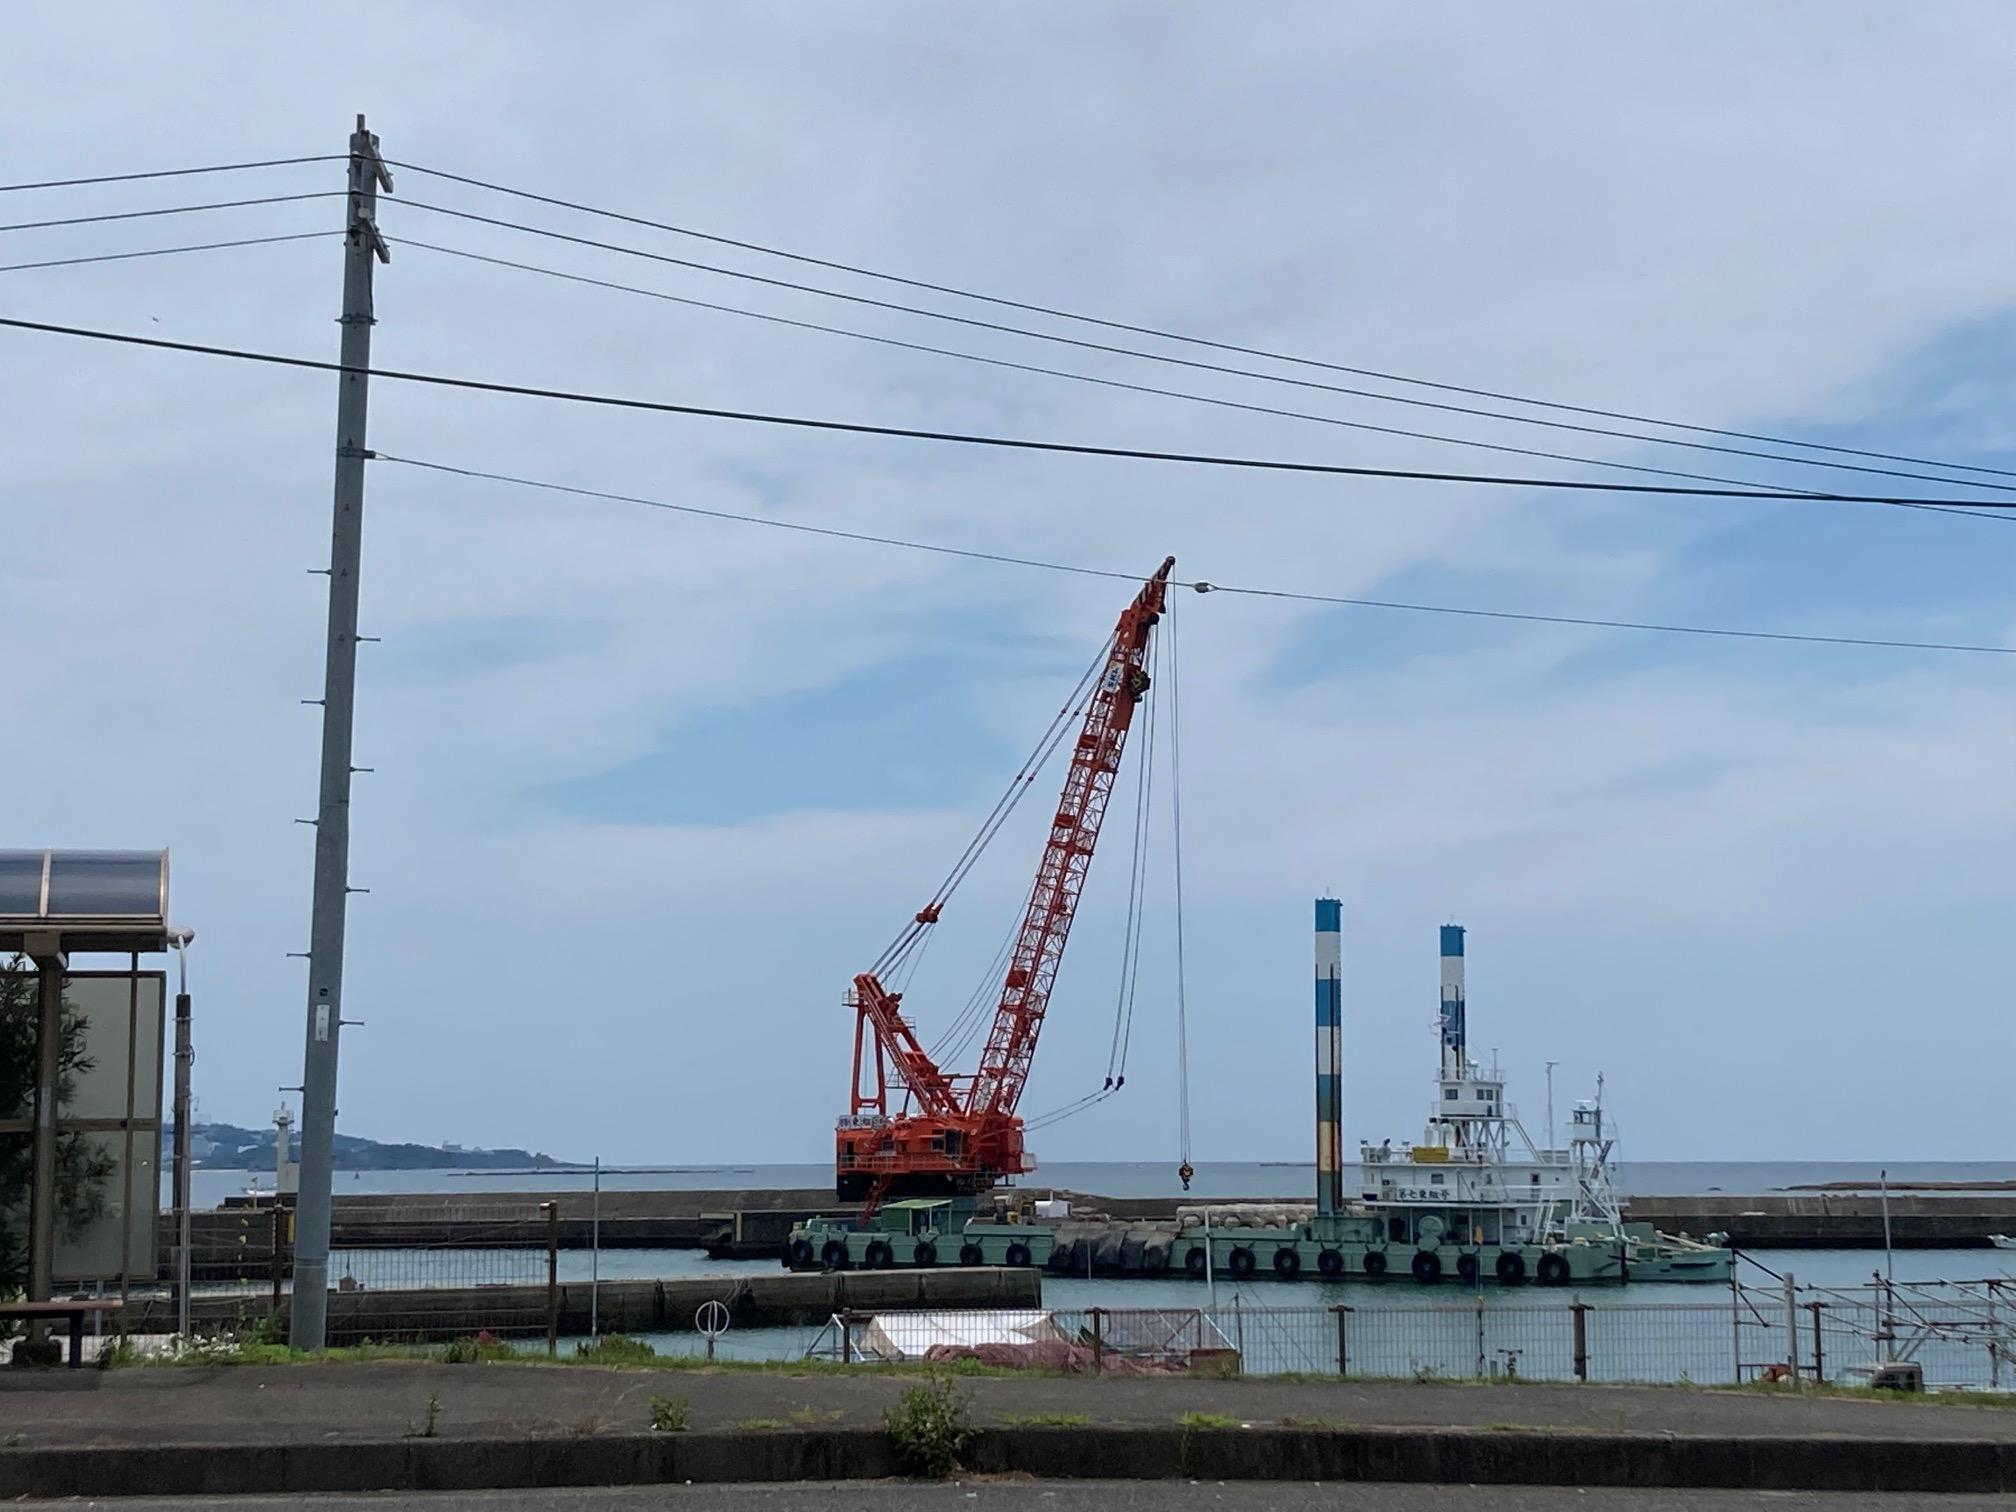 7/14 本日もみなべ堺漁港は堤防強化工事をしております。